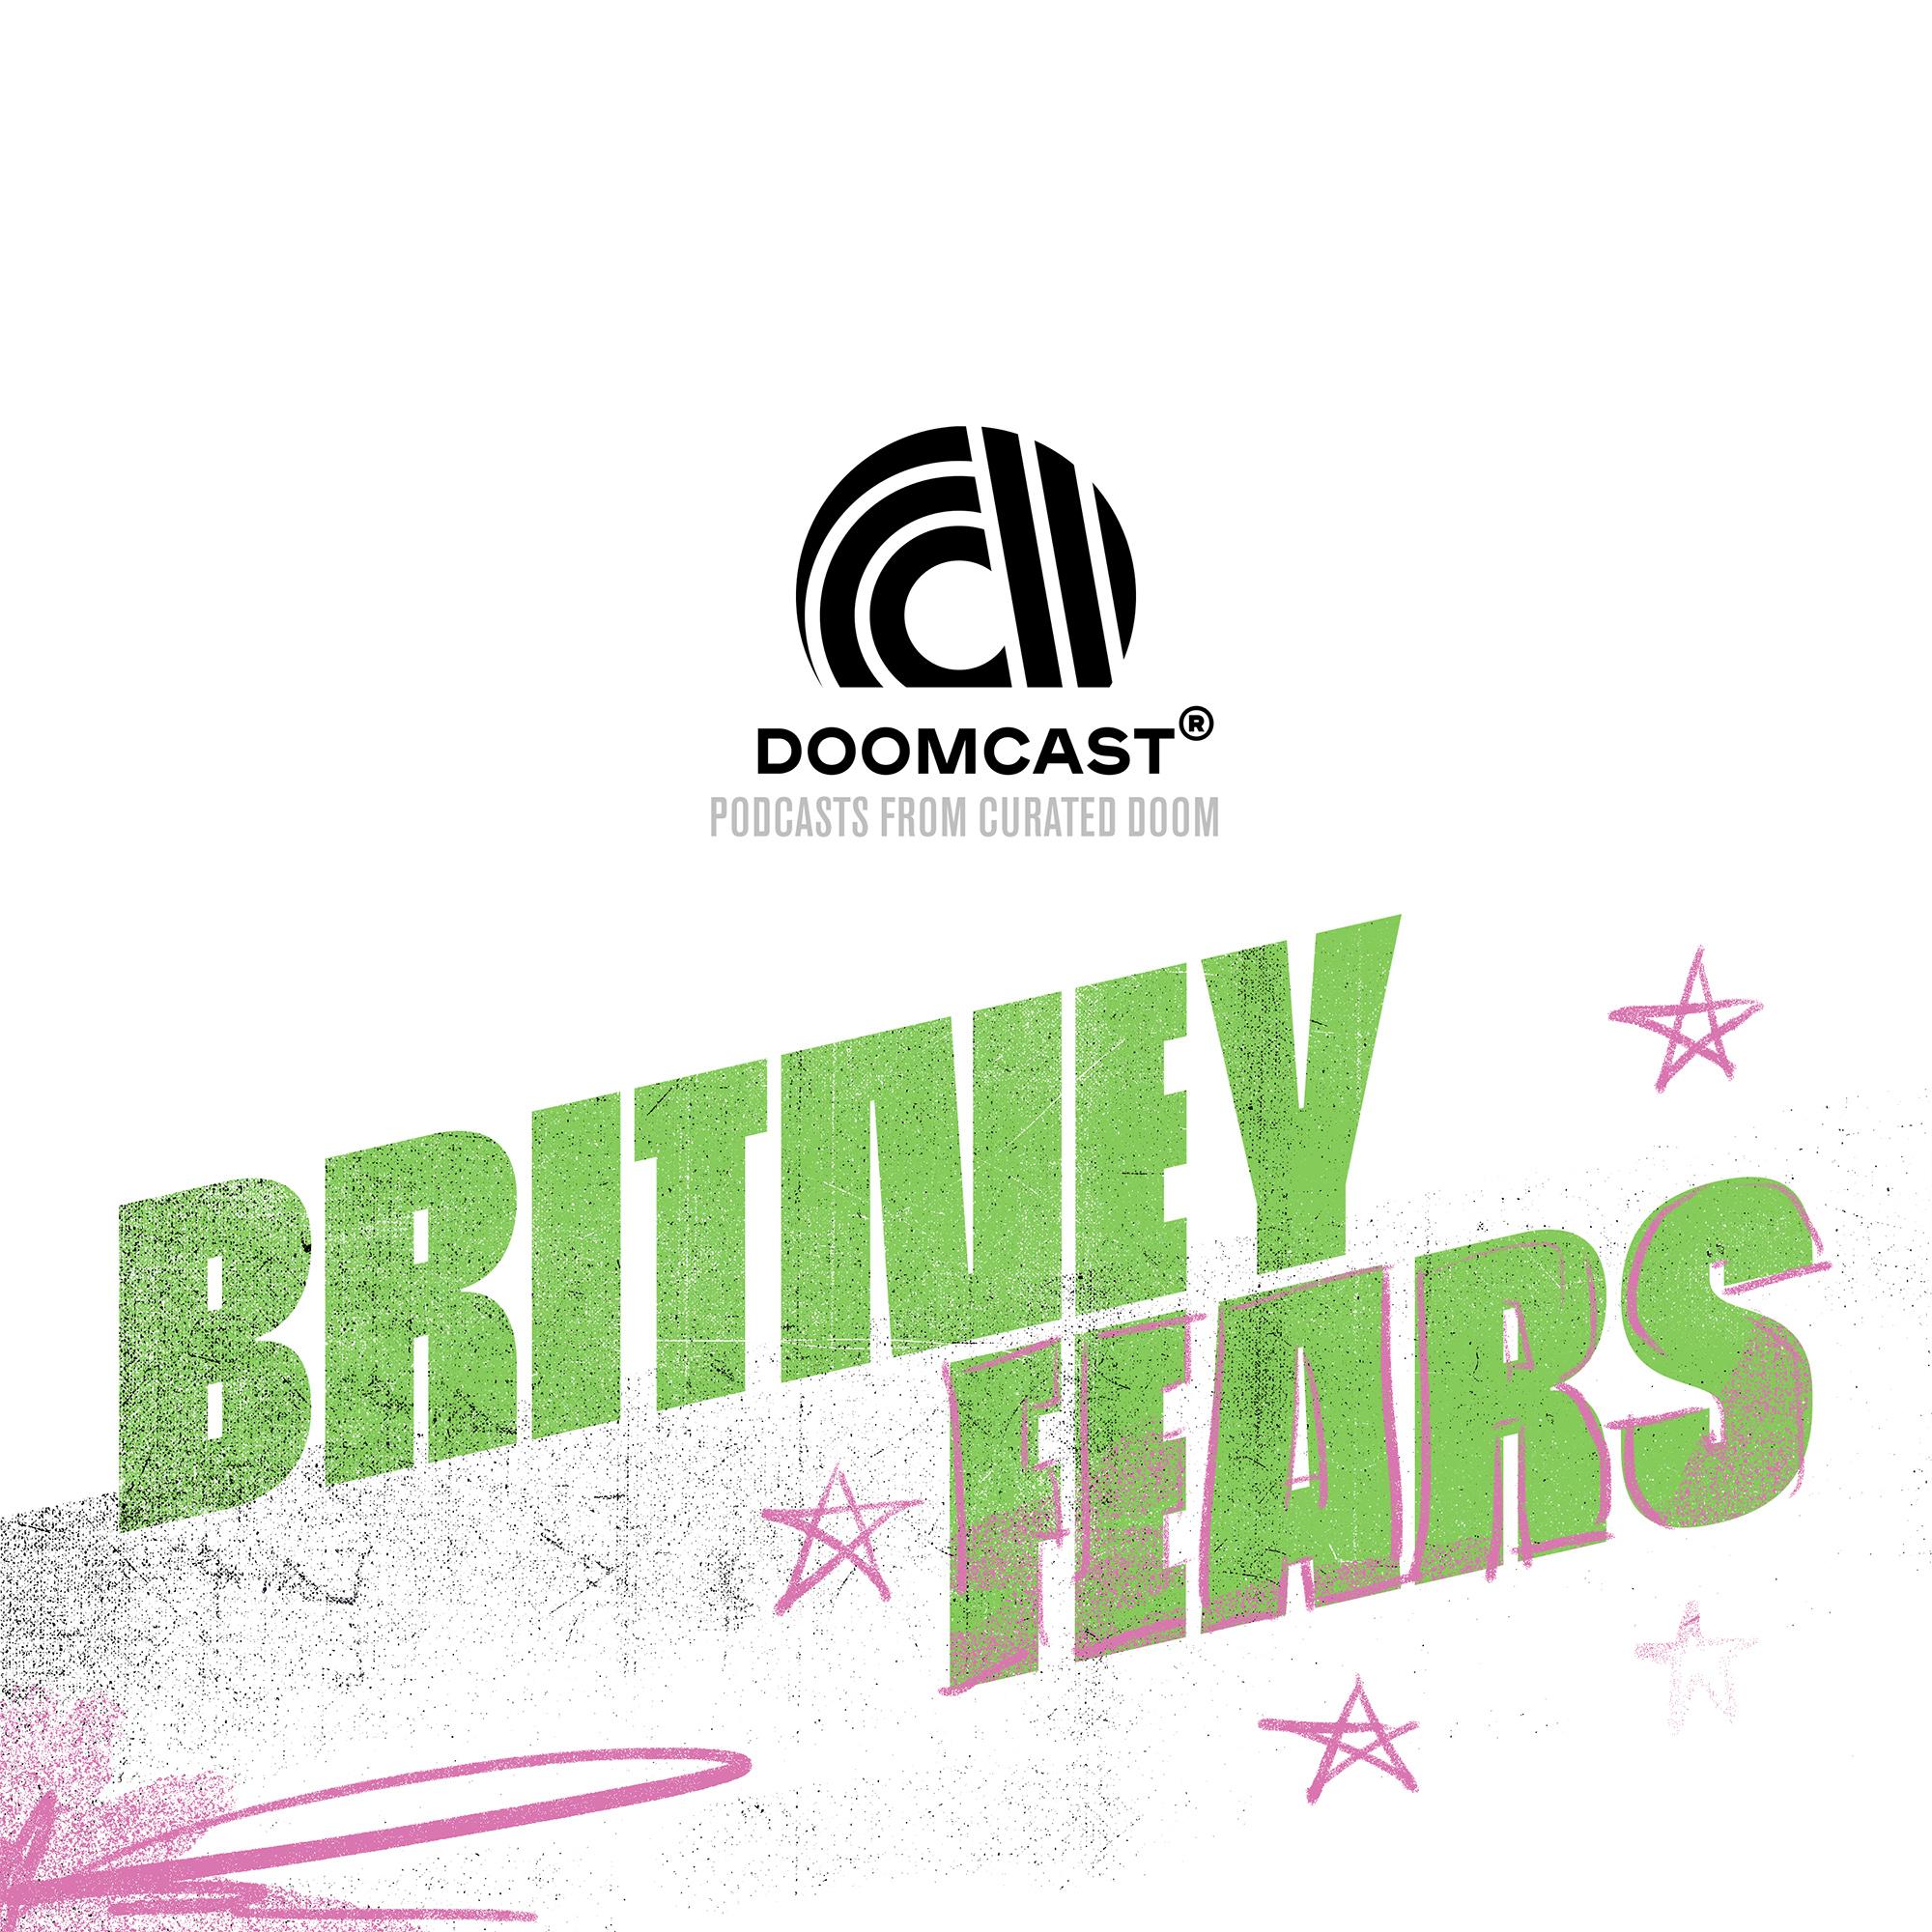 DOOMCAST - BRITNEY FEARS - 2000x2000.jpg